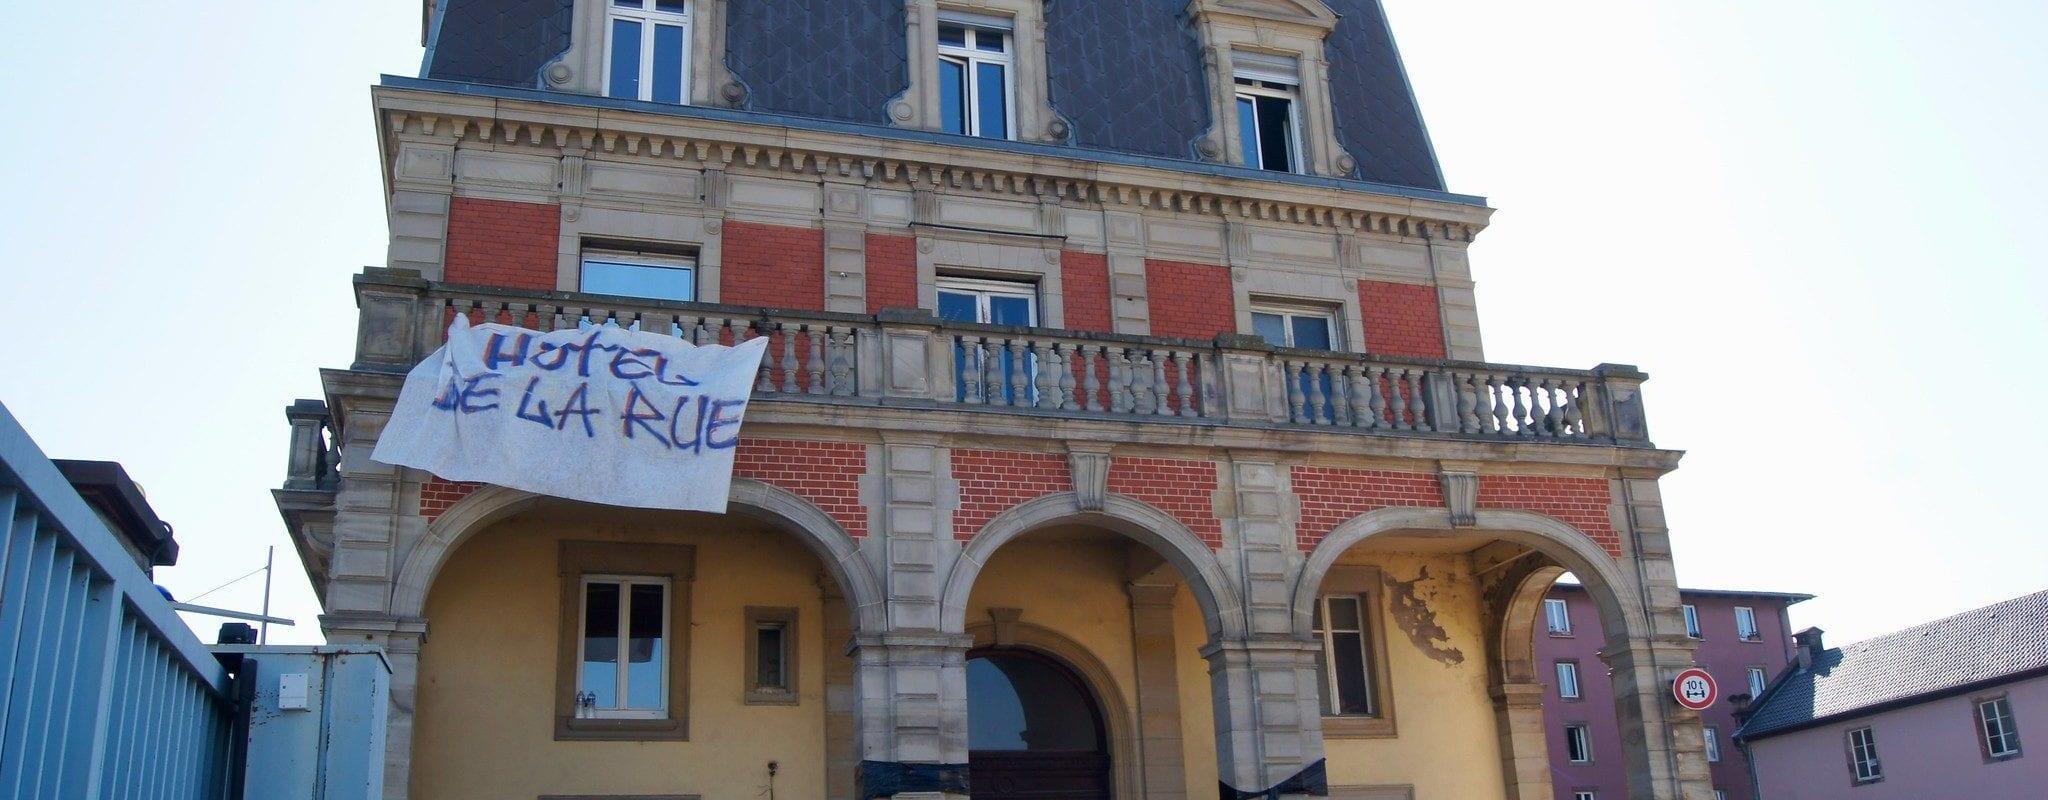 Municipales: Pour le dernier soir de la campagne, l'Hôtel de la Rue donne rendez-vous aux candidats